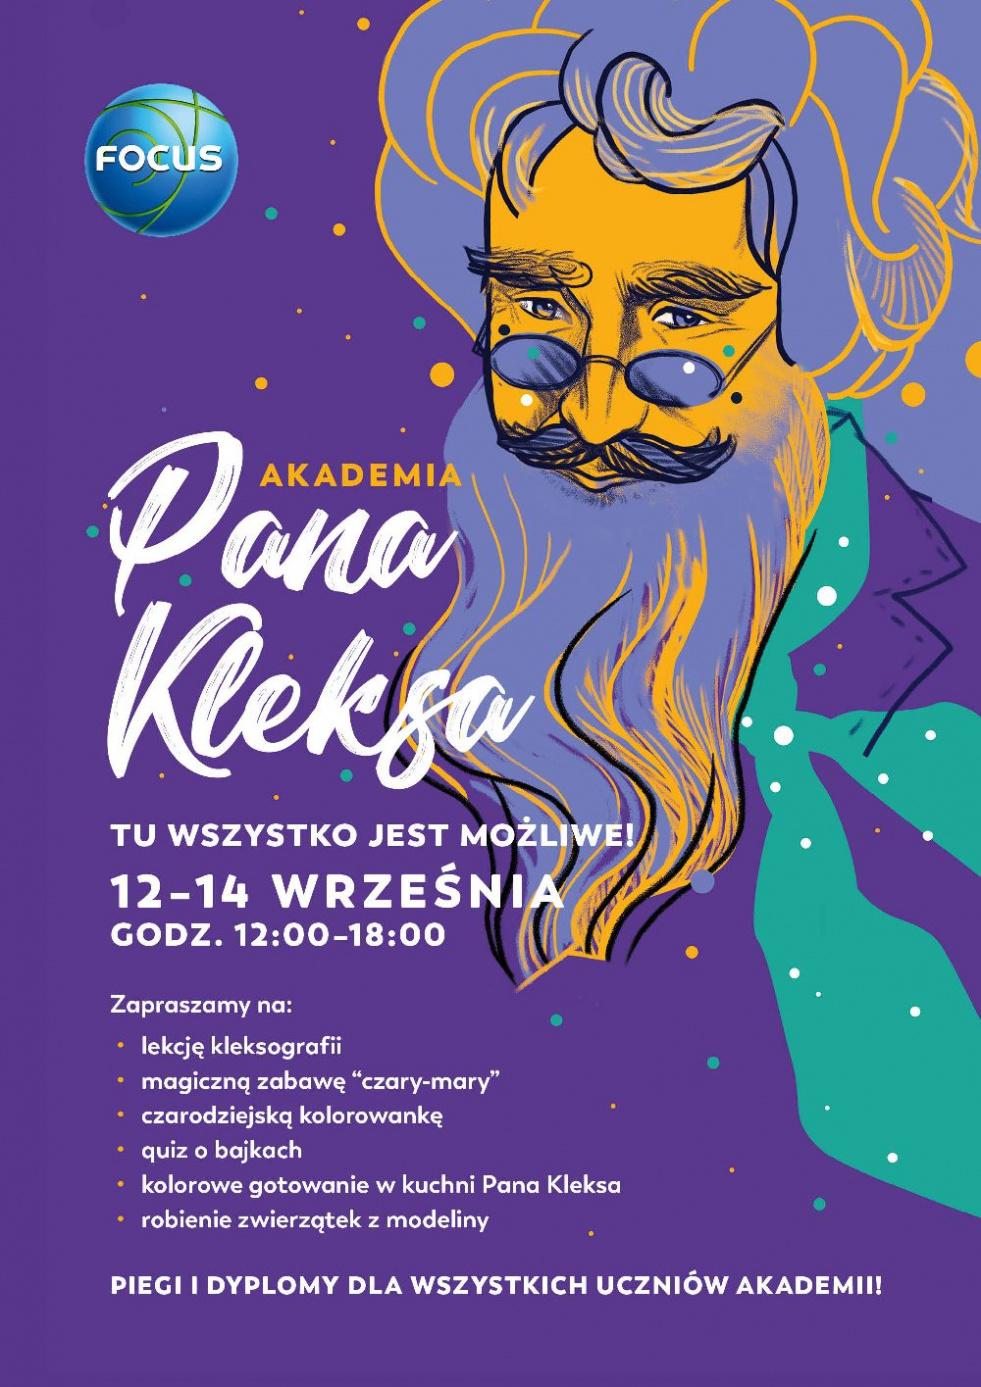 Akademia Pana Kleksa w Bydgoszczy